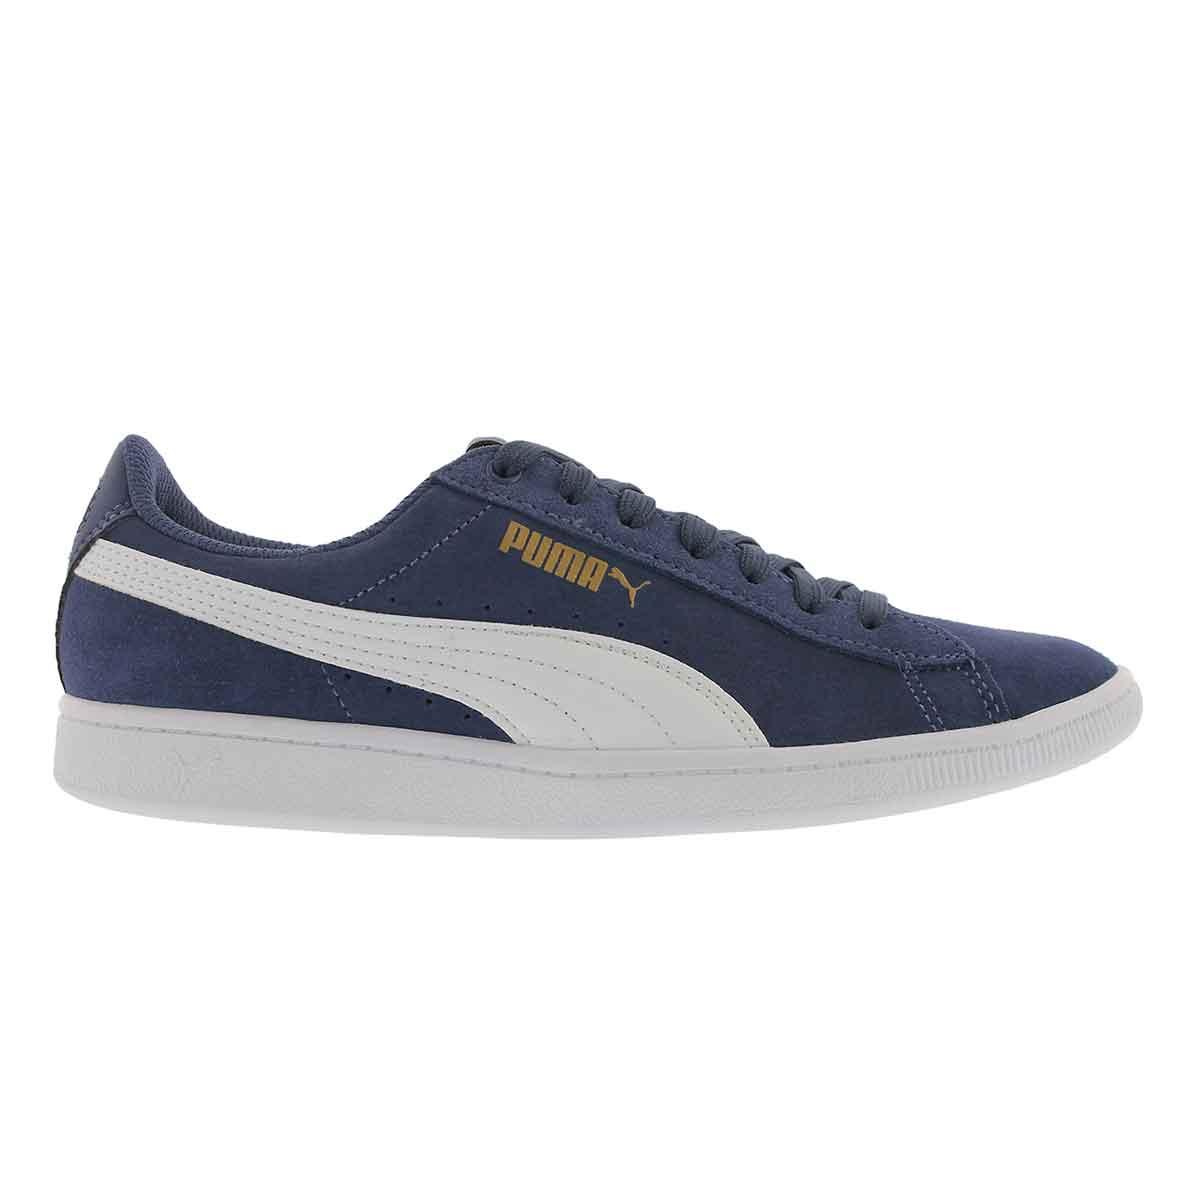 Lds Puma Vikky blue indigo sneaker